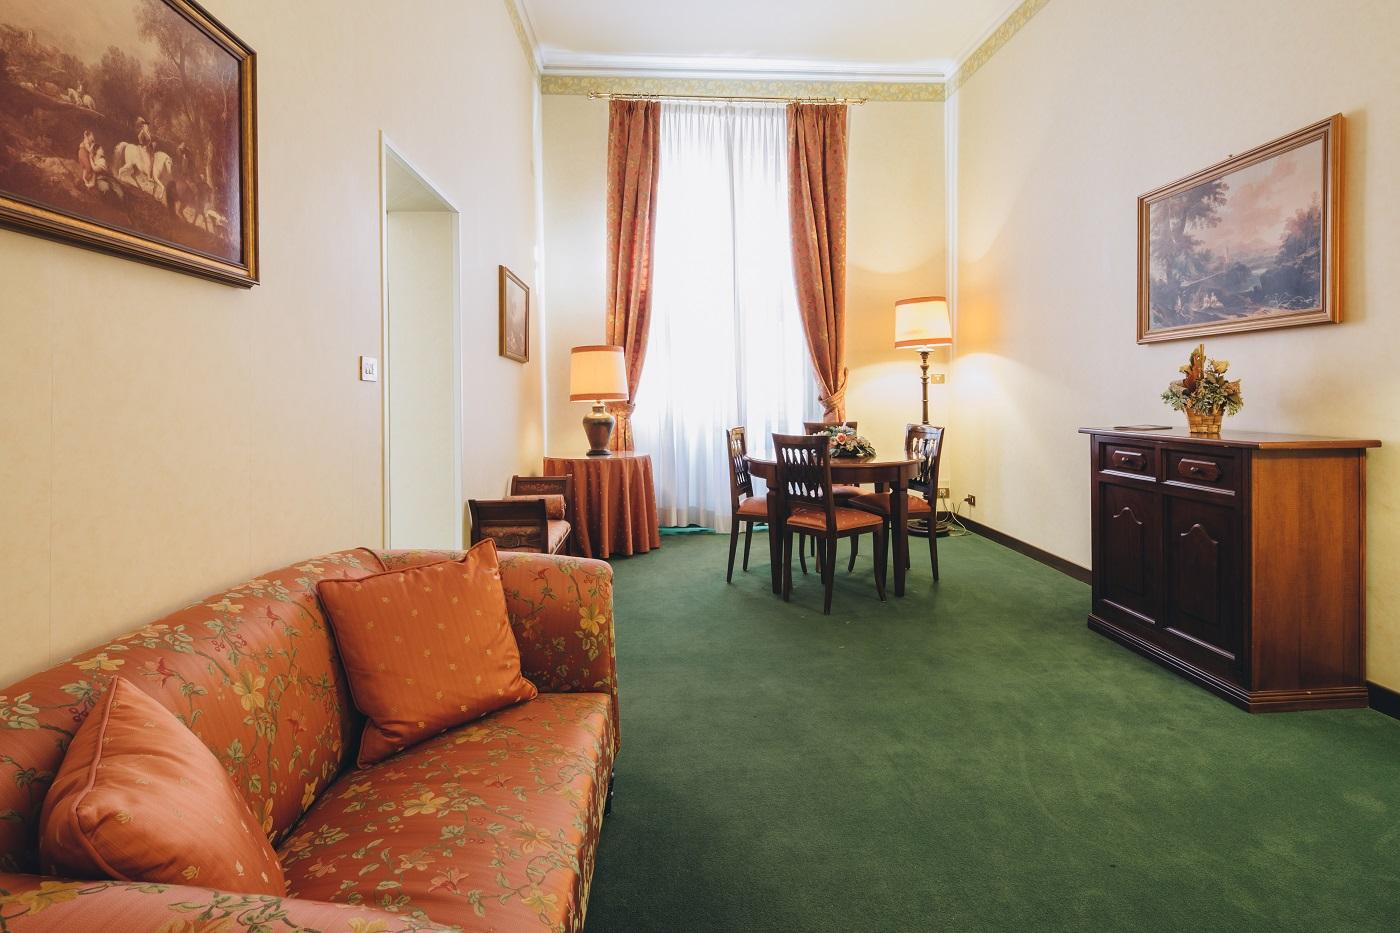 dettaglio-salotto-hotel-roma-bologna